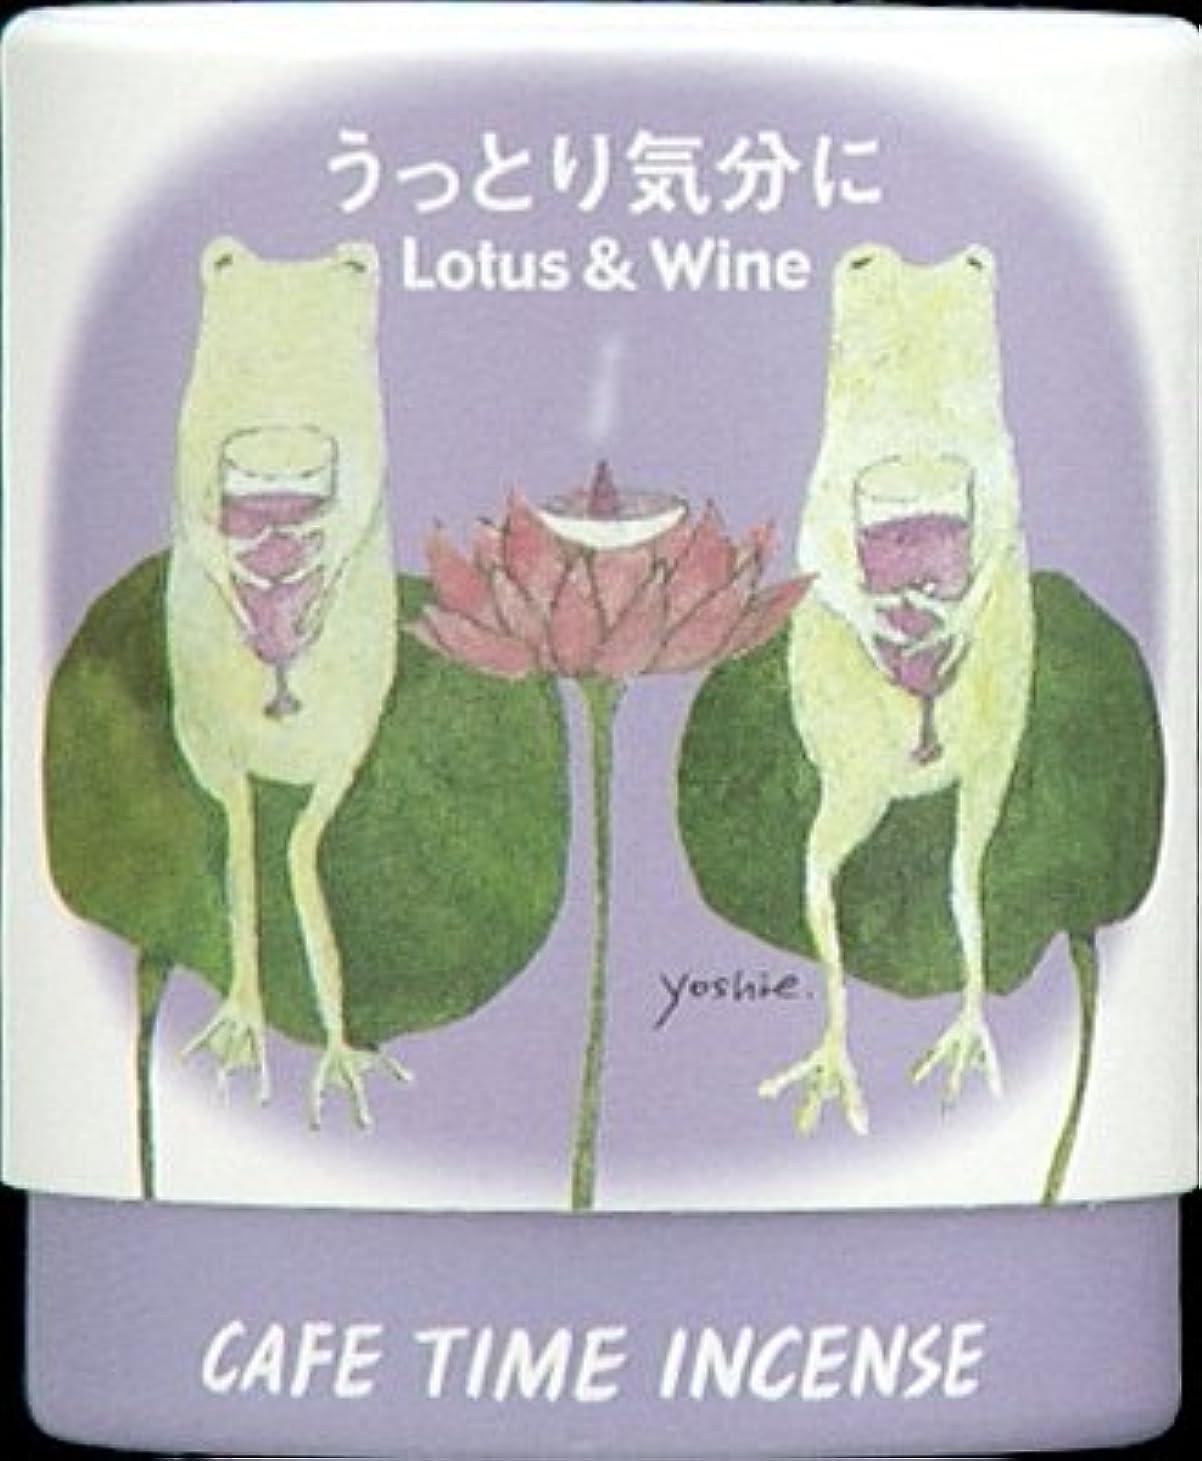 カメスラッシュあいまいさ日本香堂 カフェタイム インセンス うっとり気分に コーン 10個入 (お香)×144点セット (4902125333024)